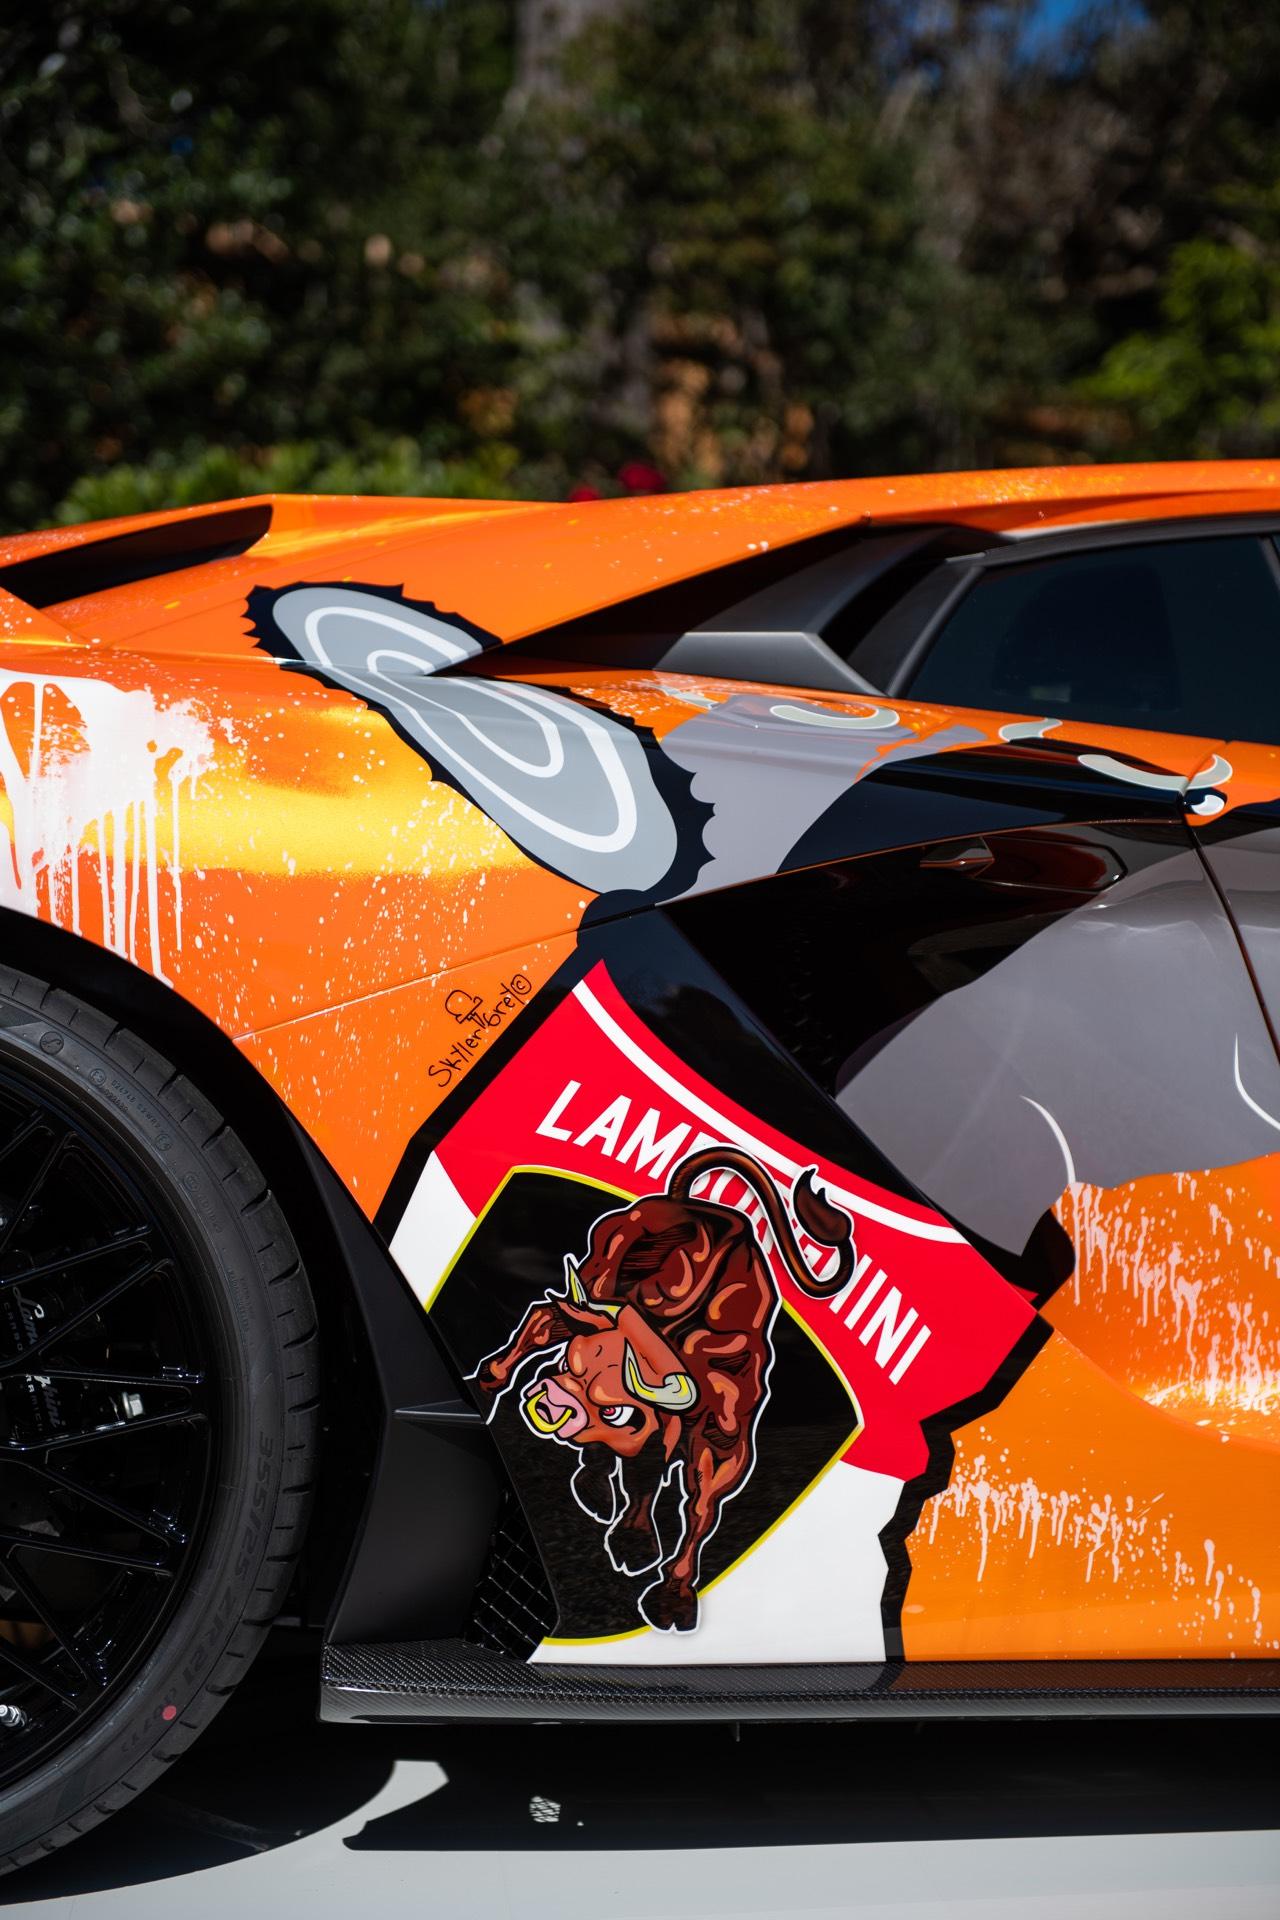 Skyler-Grey-Lamborghini-Aventador-S-Art-Car38